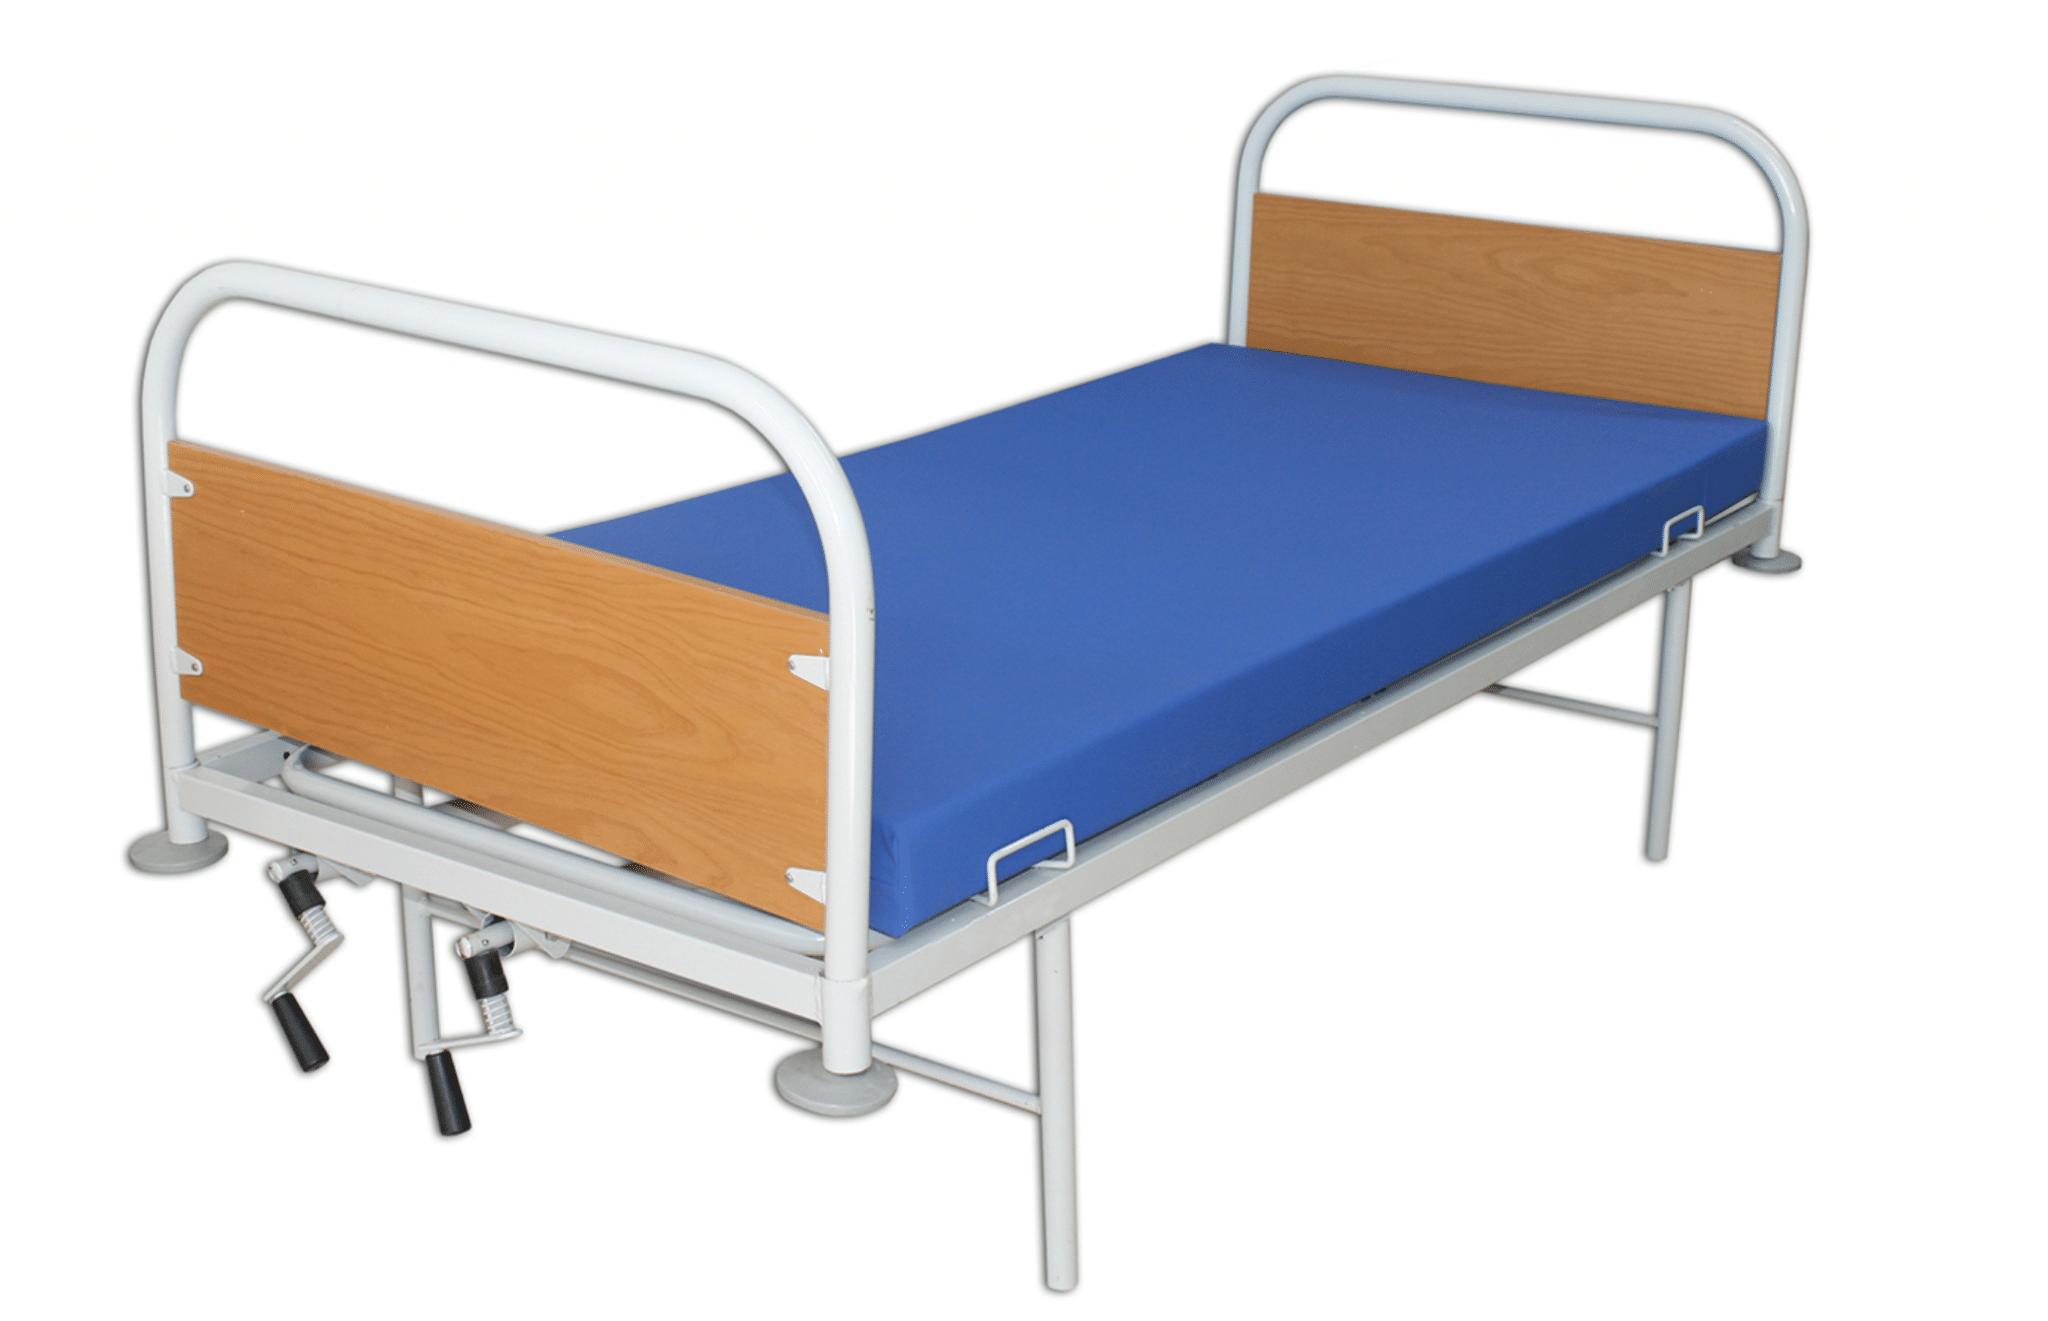 Colchão Hospitalar Anti-Escaras Viscoelástico - para uso hospitalar anti-escaras em espuma viscoelástica. Ideal para camas articuladas.